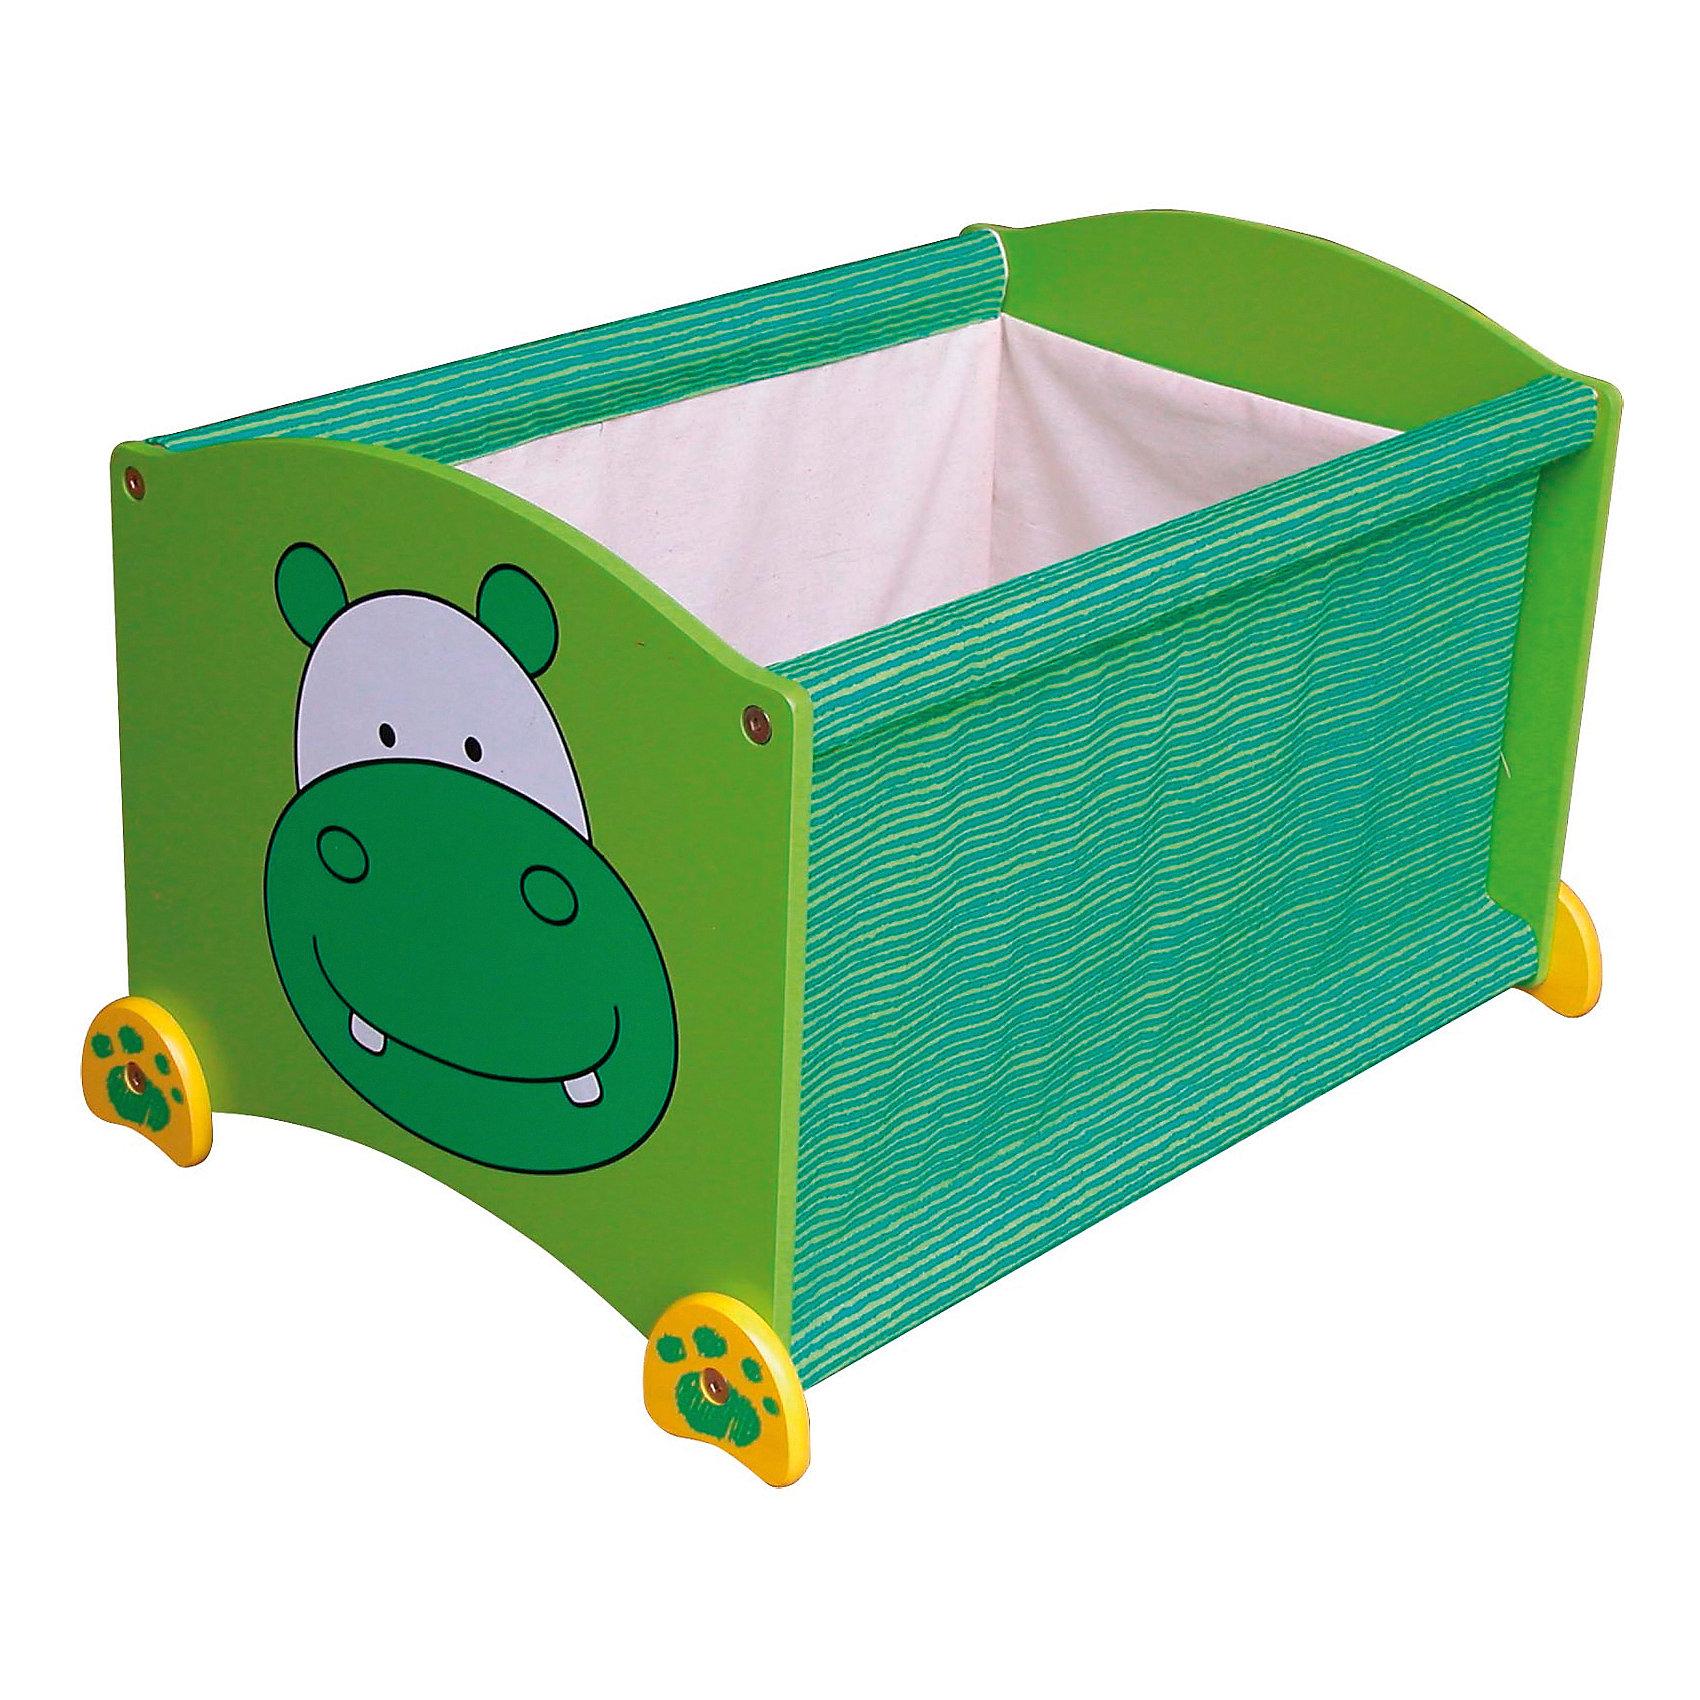 Ящик для хранения Бегемот, Im Toy, зеленыйПорядок в детской<br>Ящик для хранения Бегемот, Im Toy, зеленый.<br><br>Характеристики:<br><br>• Для детей в возрасте: от 3 до 6 лет<br>• Материал: древесина, текстиль<br>• Цвет: зеленый<br>• Размер: 34 х 44 х 32,5 см.<br>• Вес: 2,583 кг.<br><br>Ящик для хранения позволит вам сохранять порядок в детской комнате, а также приучать малыша к аккуратности и к тому, что все вещи должны лежать на своих местах. Ящик выполнен в виде прямоугольной конструкции зеленого цвета с изображением улыбающейся мордашки бегемота. Он достаточно вместителен. Ящик имеет устойчивое основание, поэтому малыш не опрокинет его во время использования. Углы изделия закруглены. Ящик изготовлен из высококачественной экологичной древесины и текстиля, окрашен безопасными, стойкими к истиранию красителями.<br> <br>Ящик для хранения Бегемот, Im Toy, зеленый можно купить в нашем интернет-магазине.<br><br>Ширина мм: 34<br>Глубина мм: 44<br>Высота мм: 33<br>Вес г: 2583<br>Возраст от месяцев: 36<br>Возраст до месяцев: 72<br>Пол: Унисекс<br>Возраст: Детский<br>SKU: 5543470